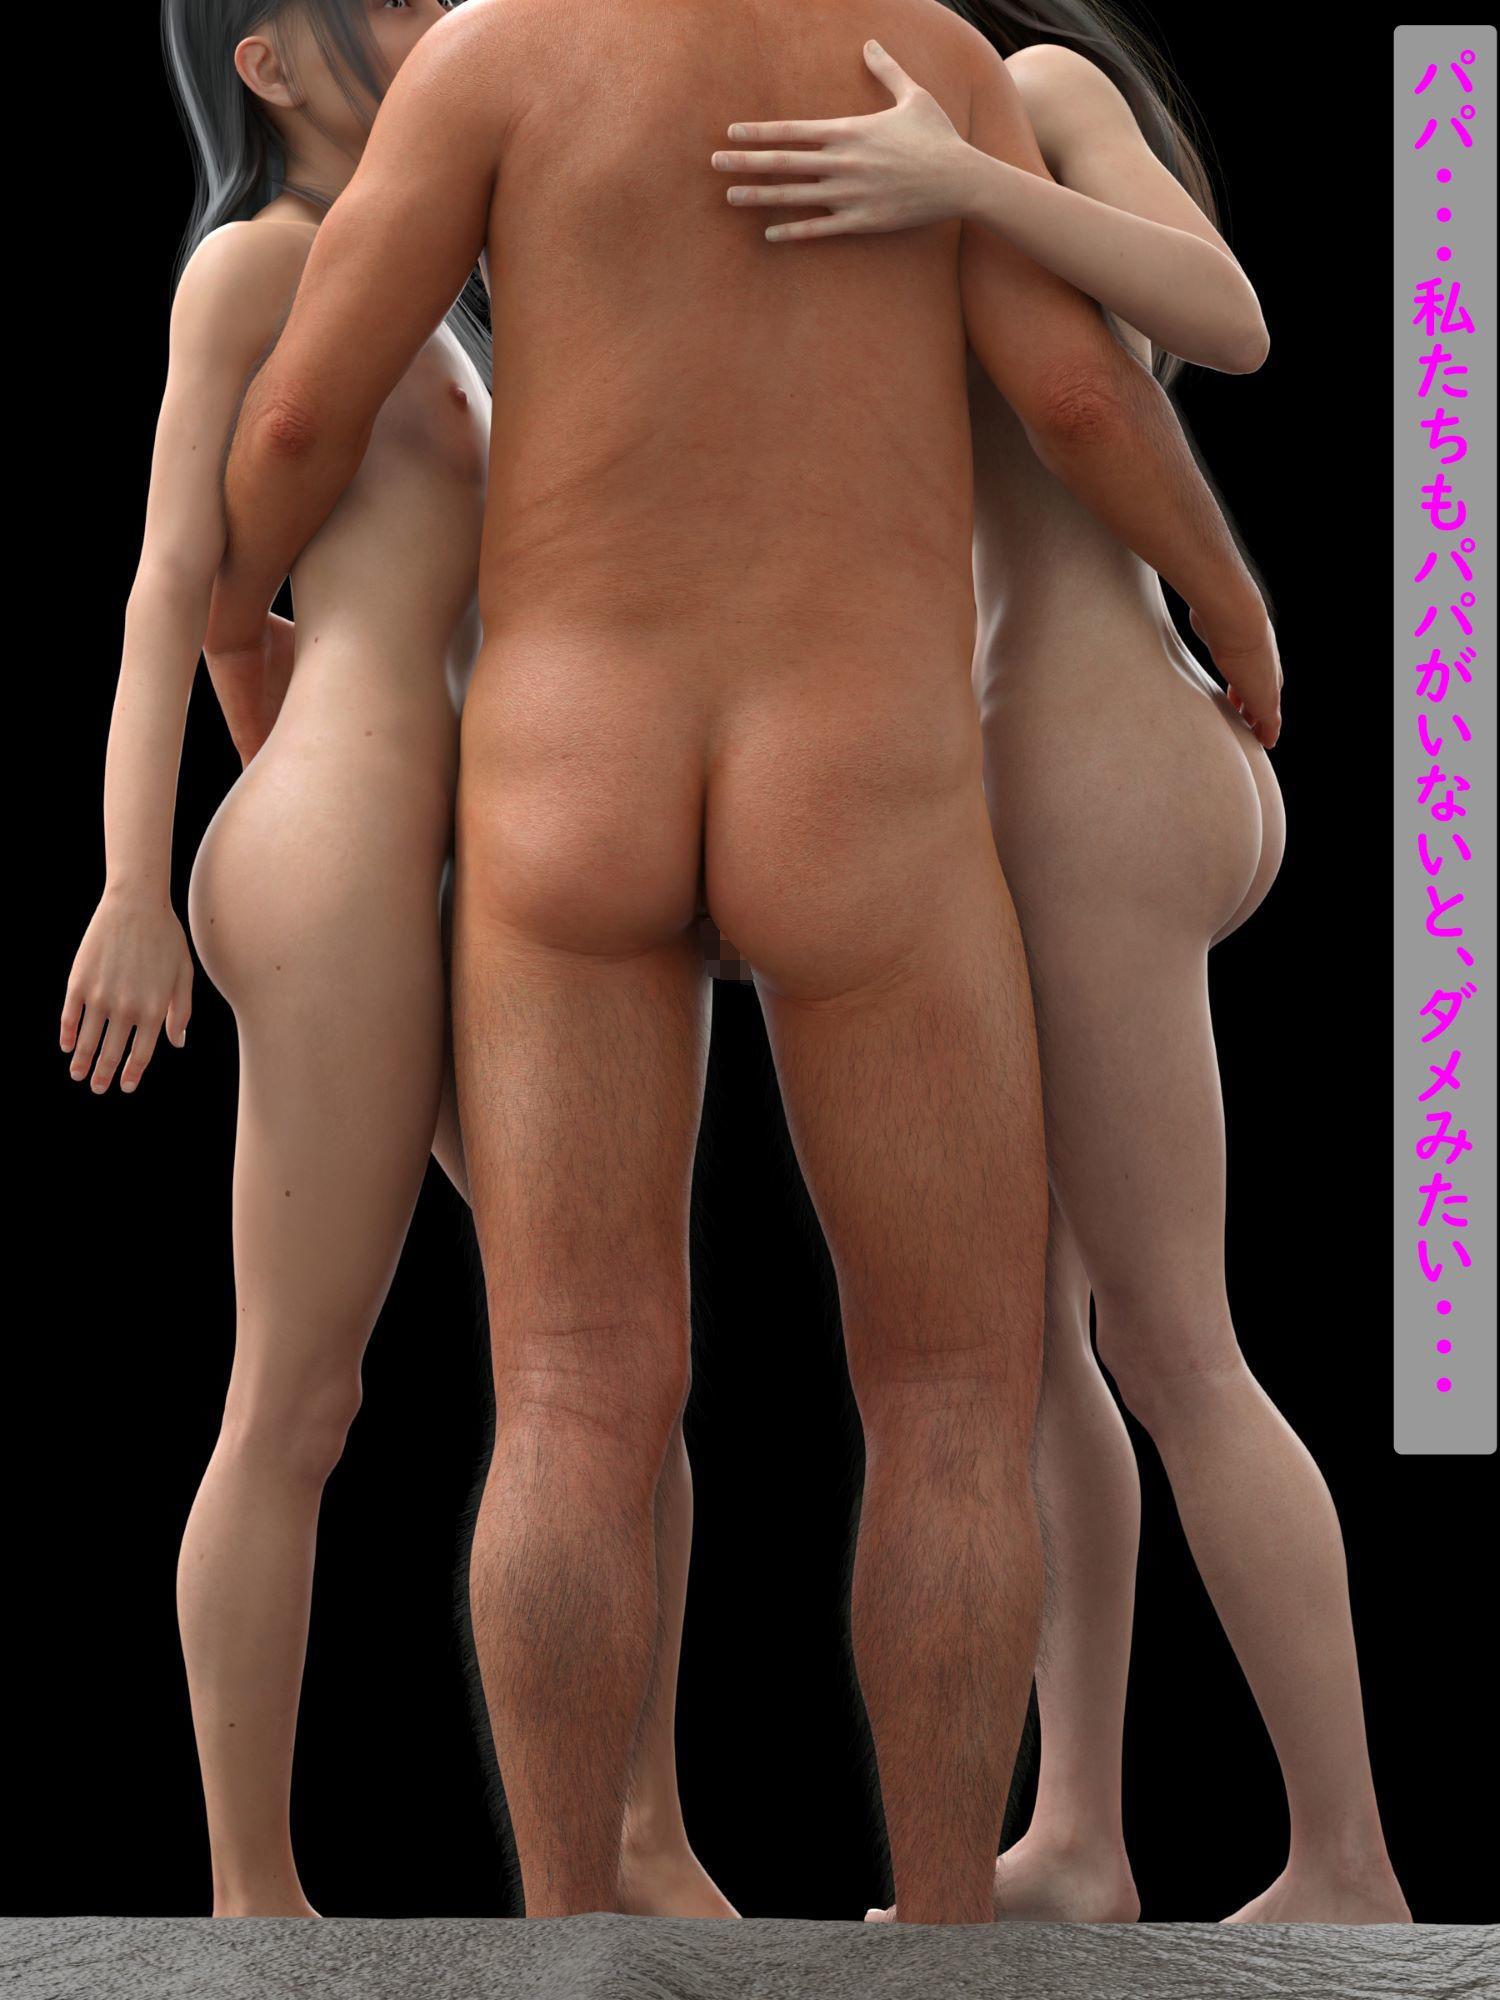 後編 姉妹3P 美人姉妹とゲス義父